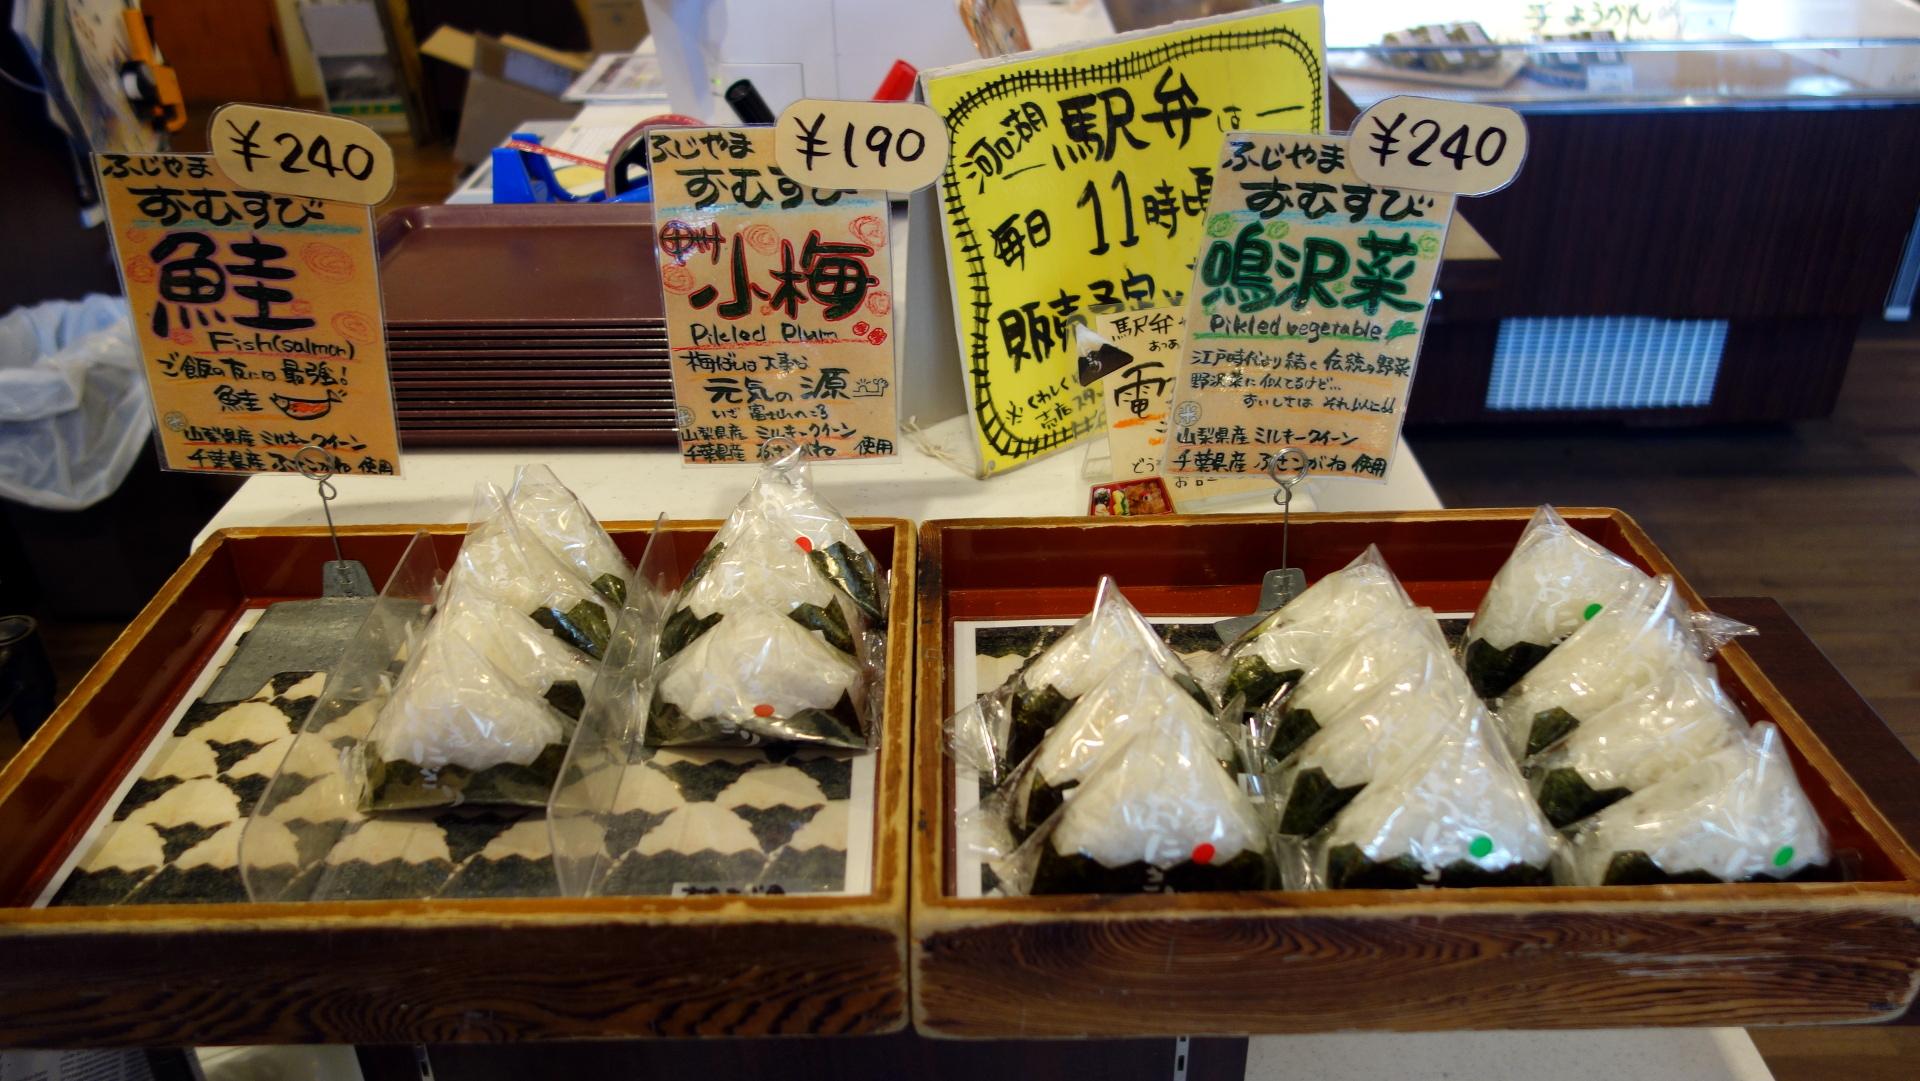 20140807 024415 fujisan onigiri